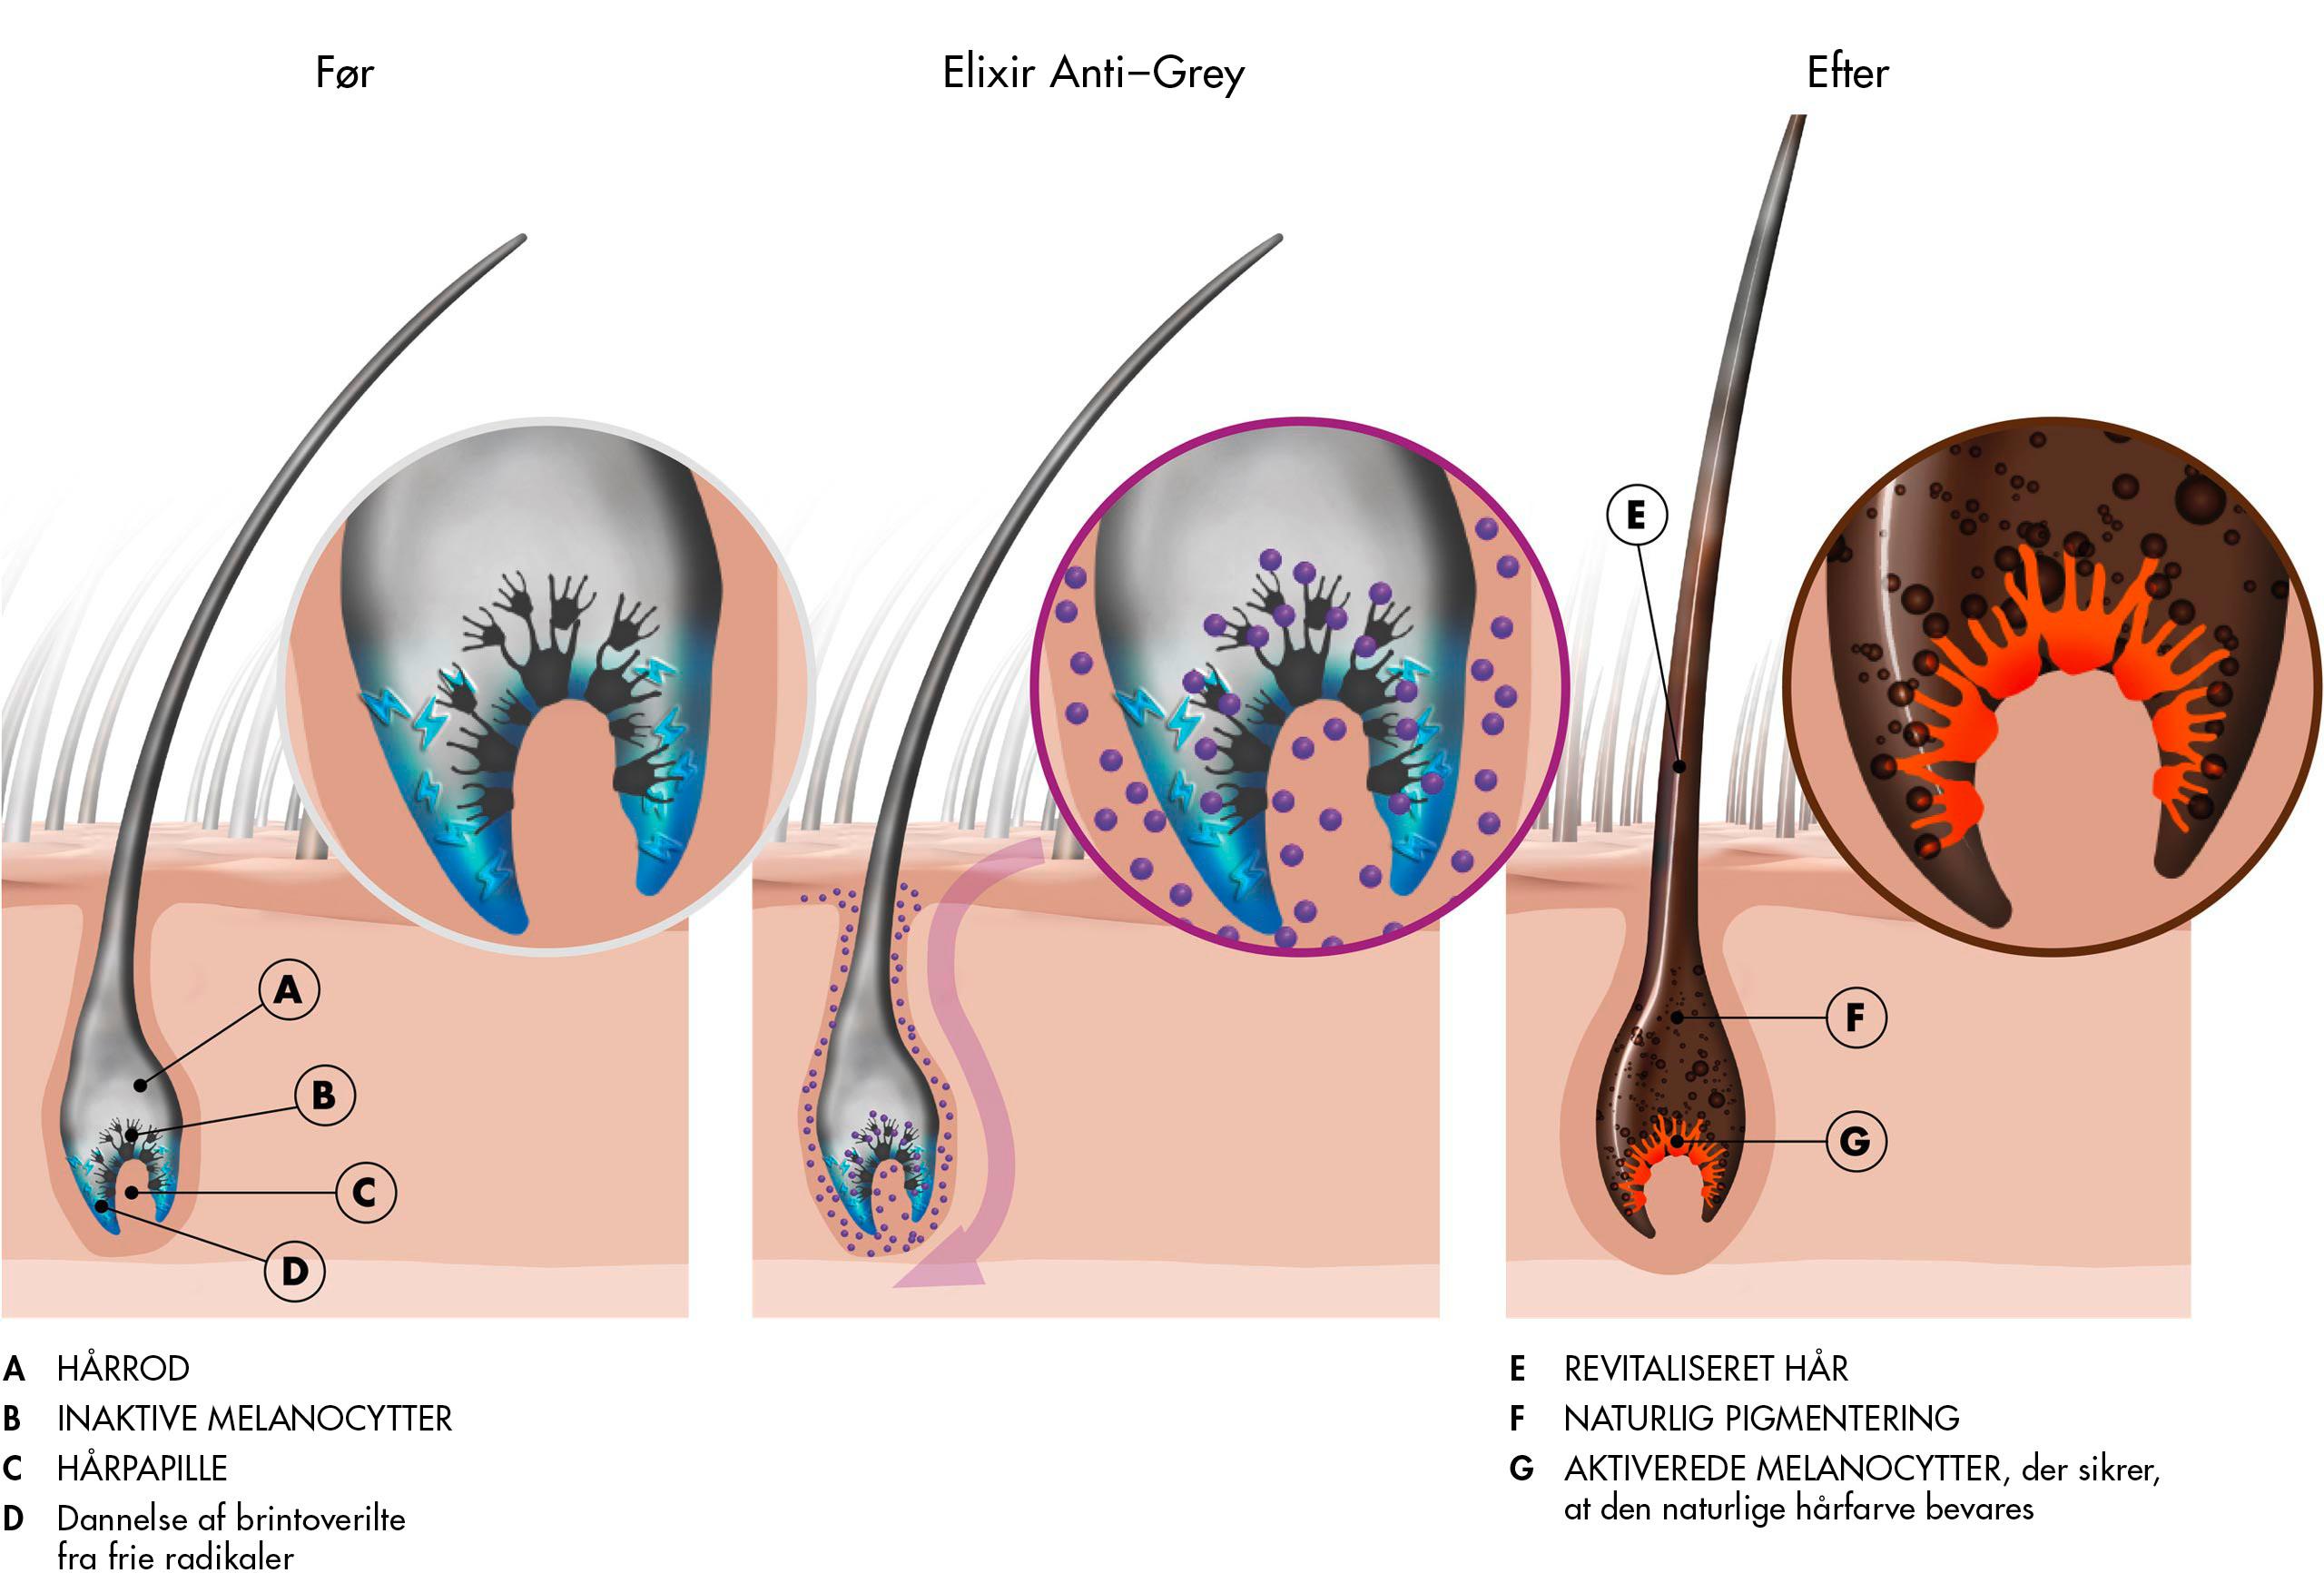 Før og efter anvendelse af Elixir Anti-Grey